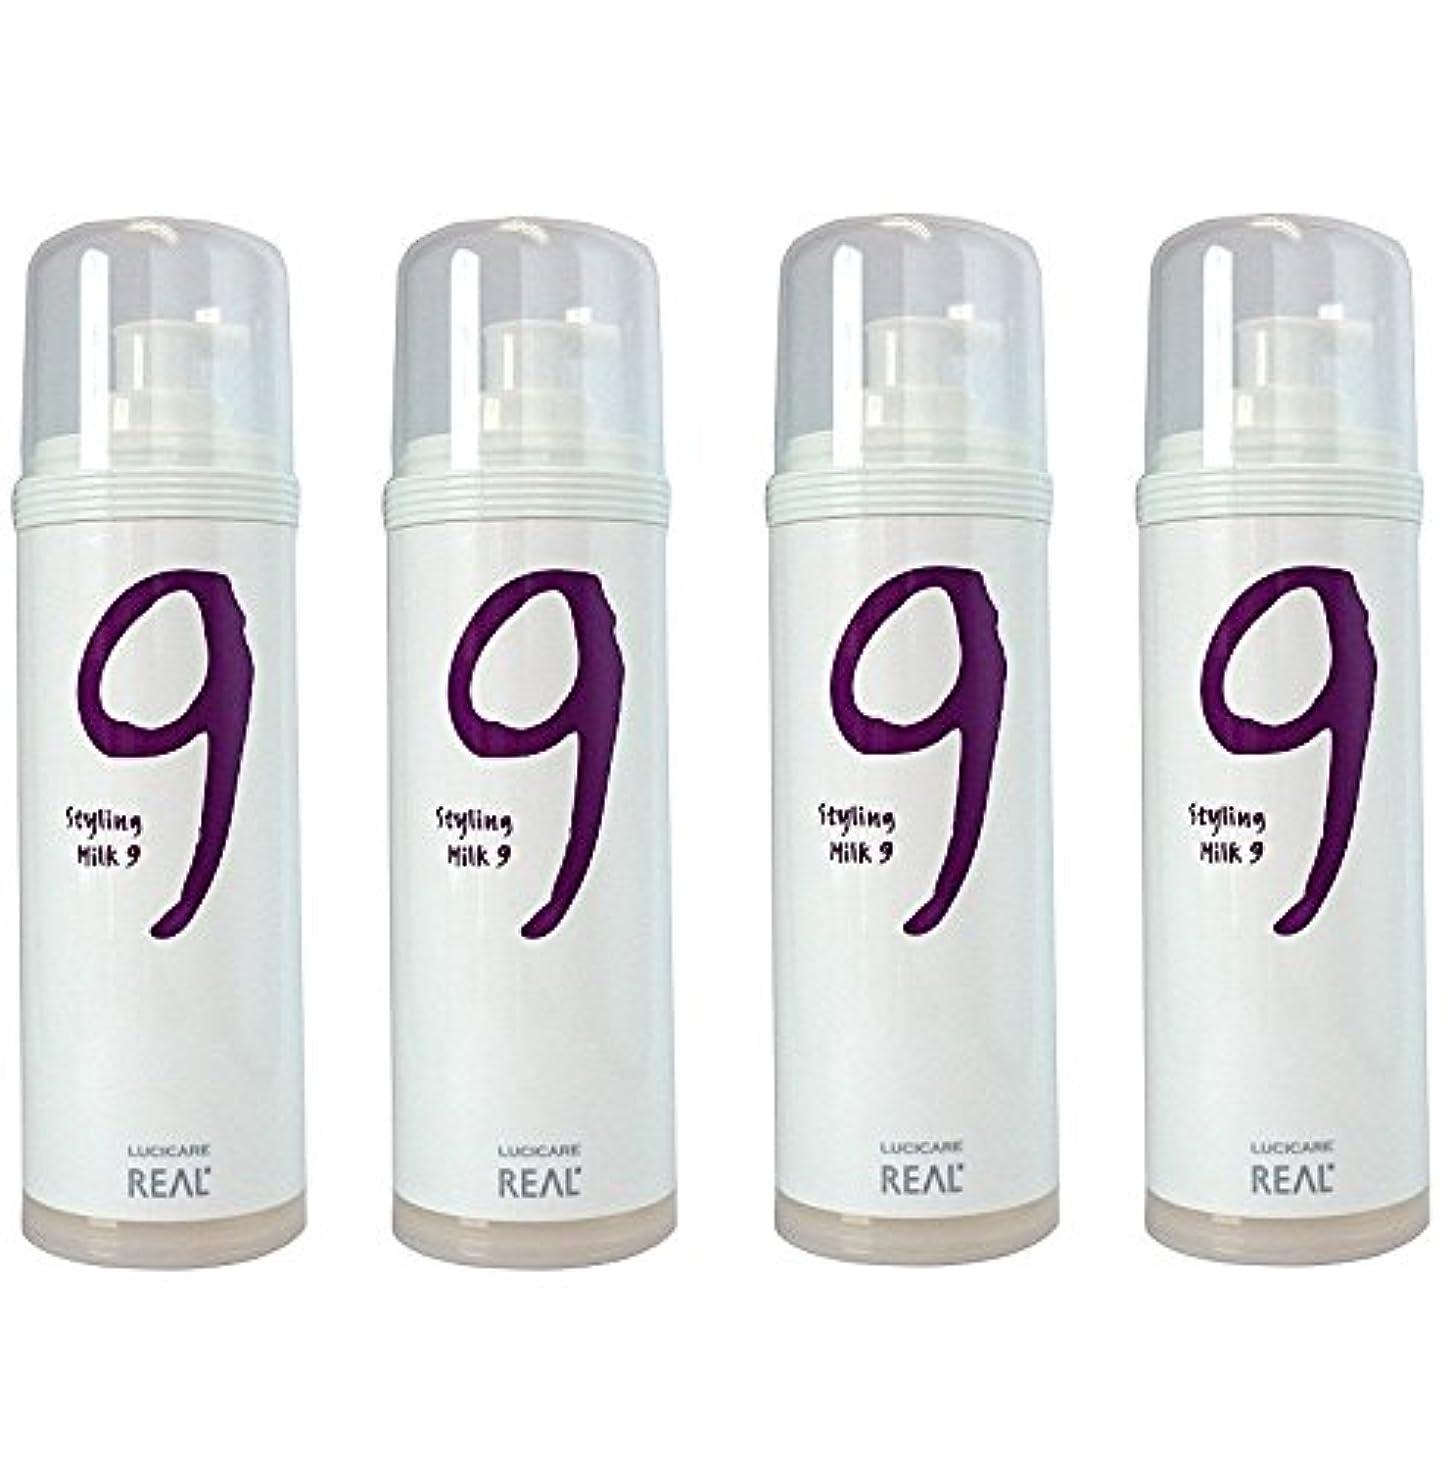 貸し手名声海上【4本セット】 リアル化学 ルシケア スタイリングミルク9 135g 【ハード】